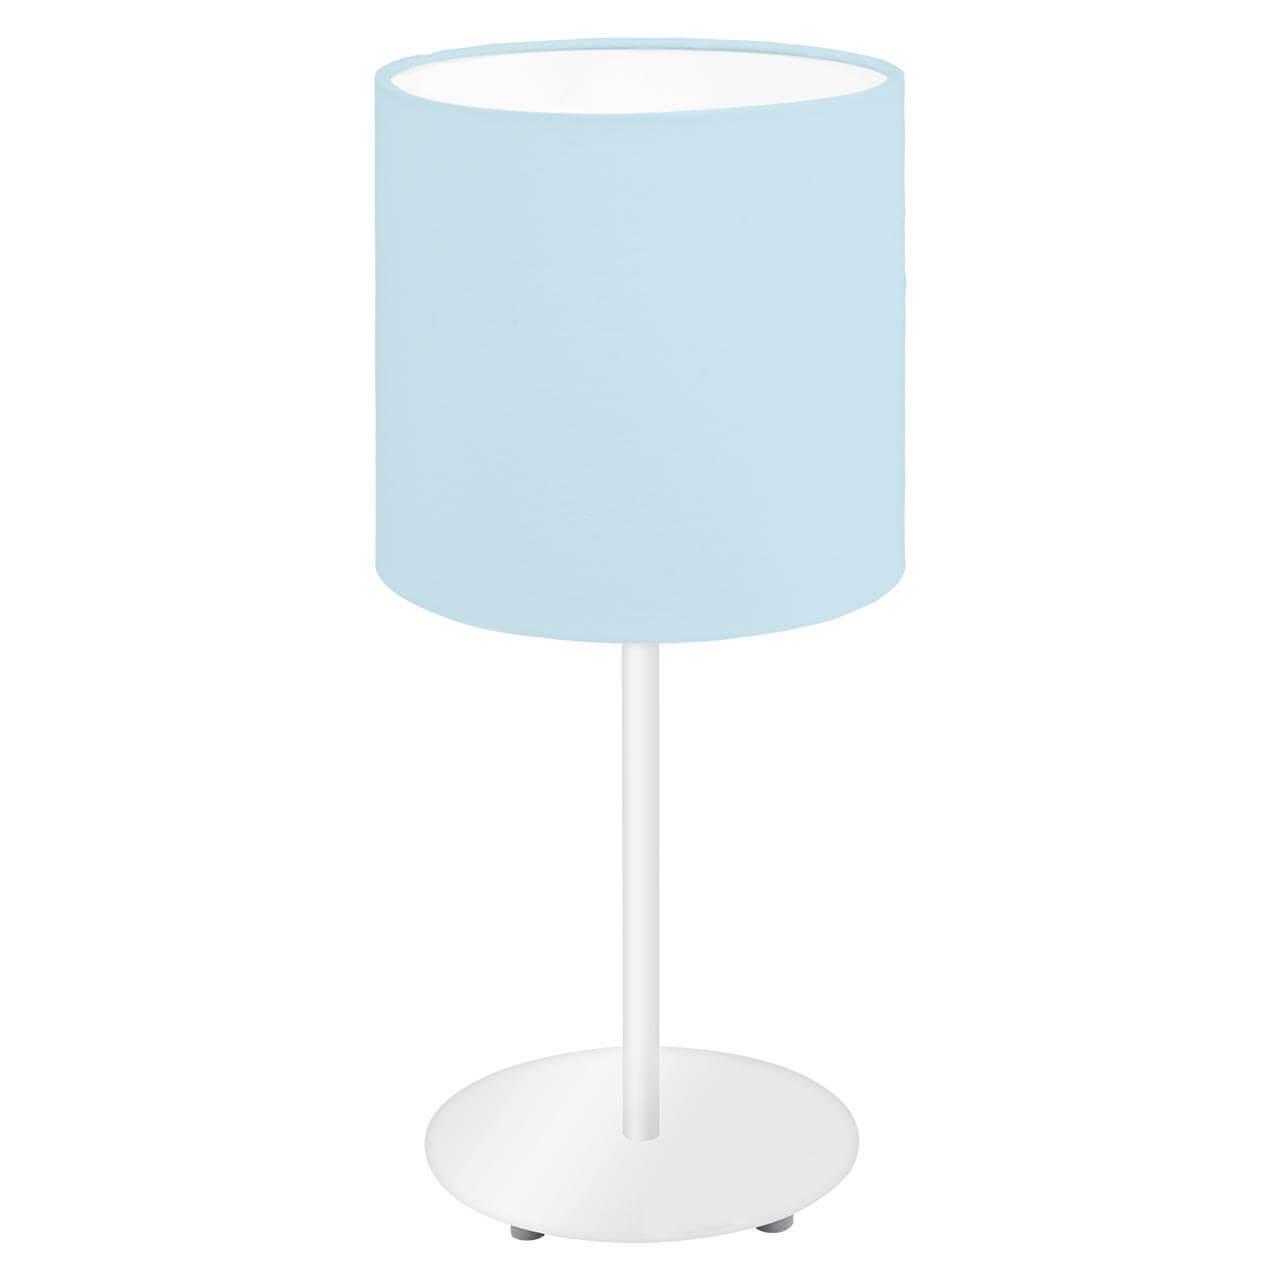 Настольная лампа Eglo Pasteri-P 97389 настольная лампа eglo pasteri 95119